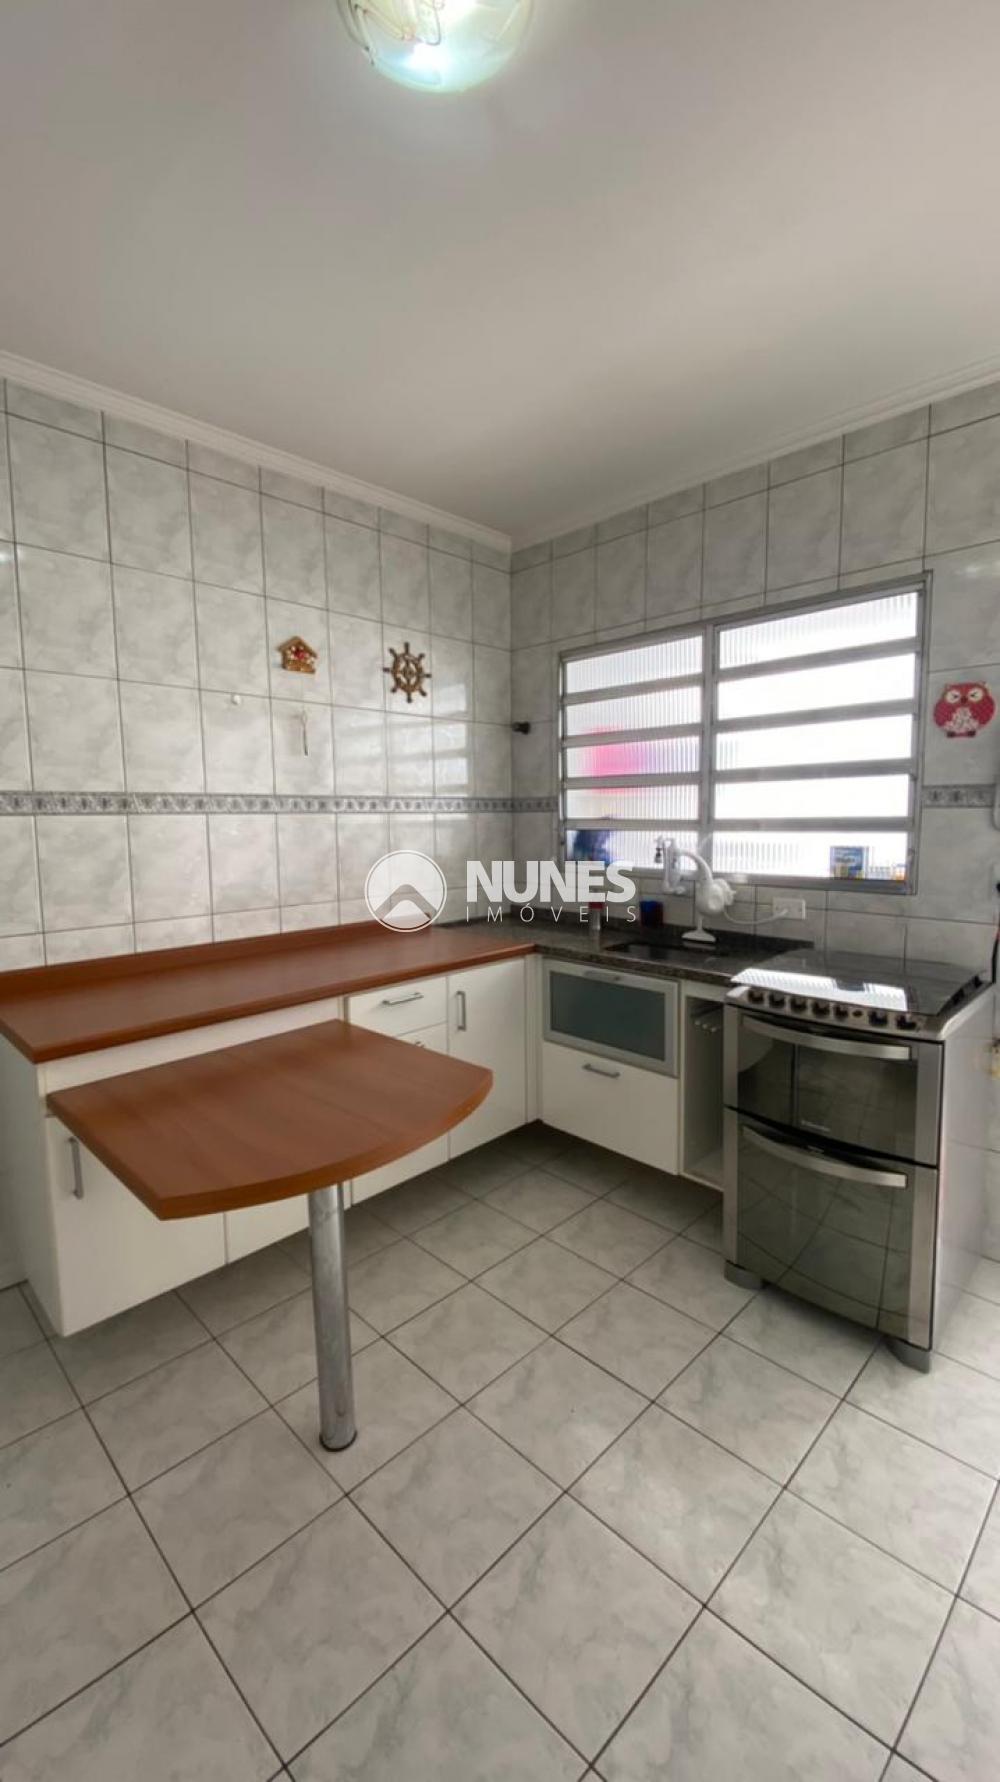 Comprar Casa / Sobrado em Barueri R$ 350.000,00 - Foto 8